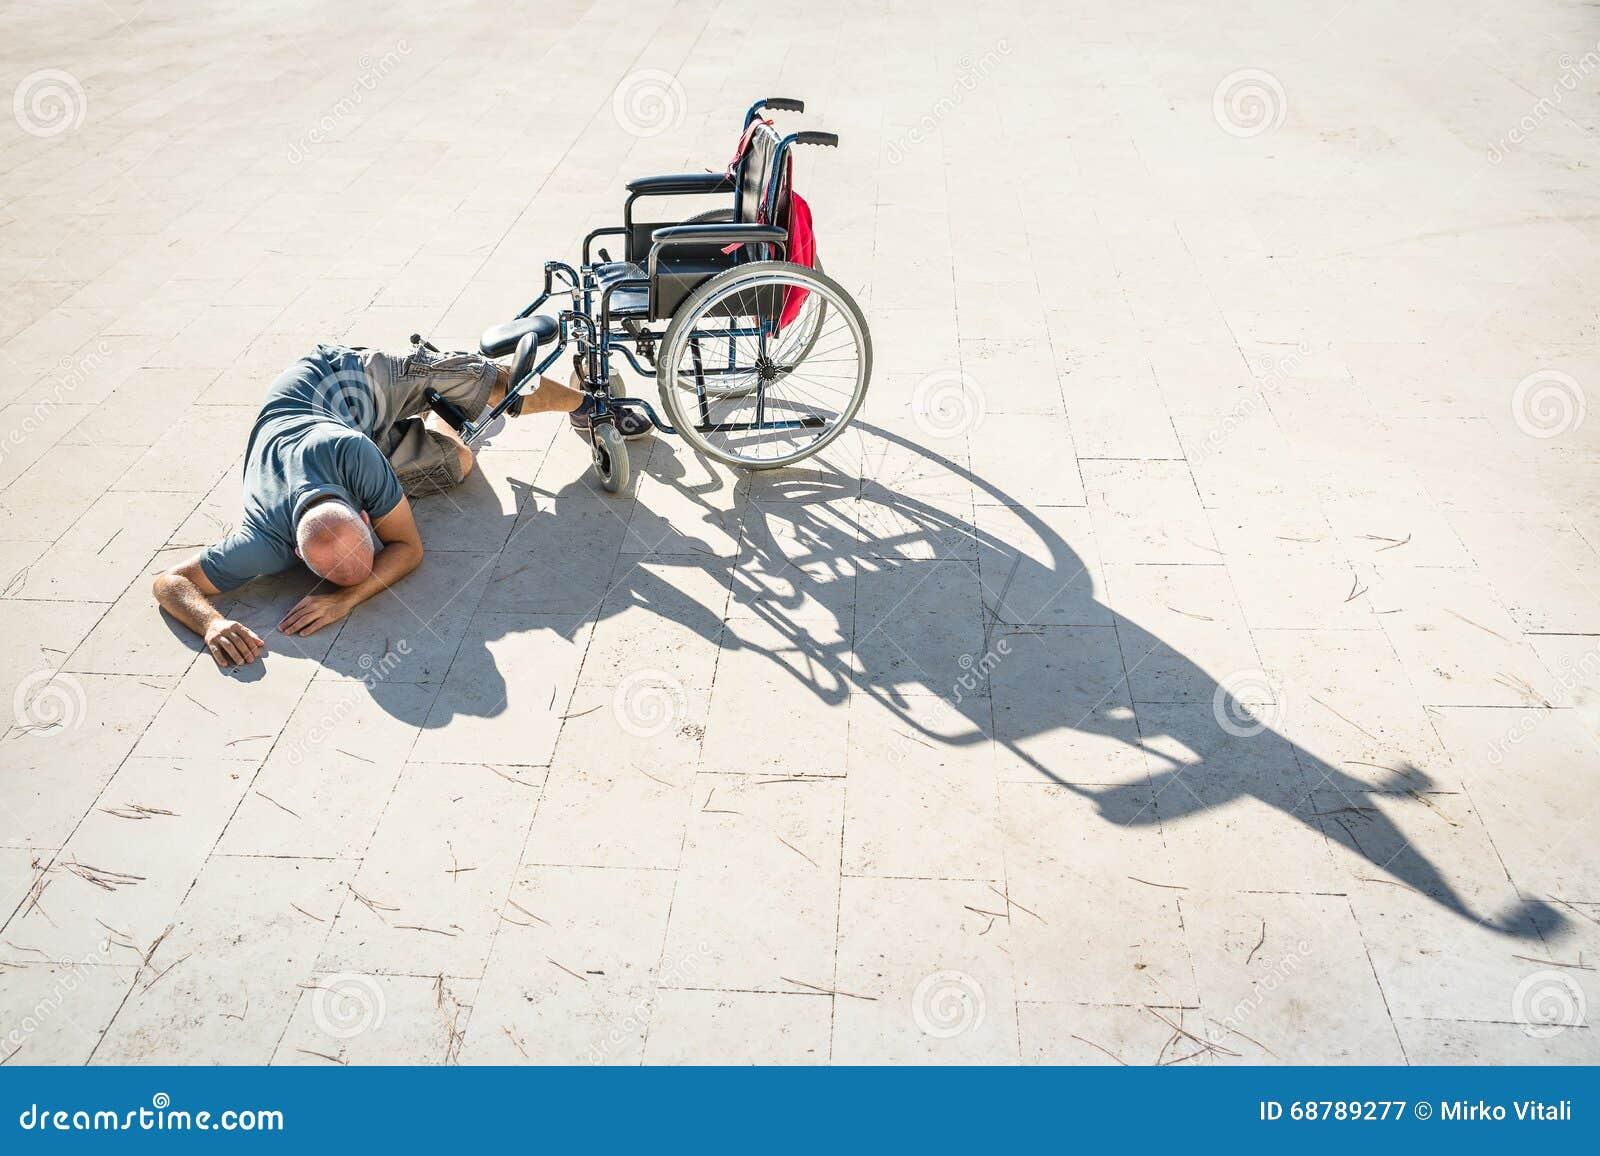 Gehandicapte mens met handicap op ongevallenneerstorting met rolstoel